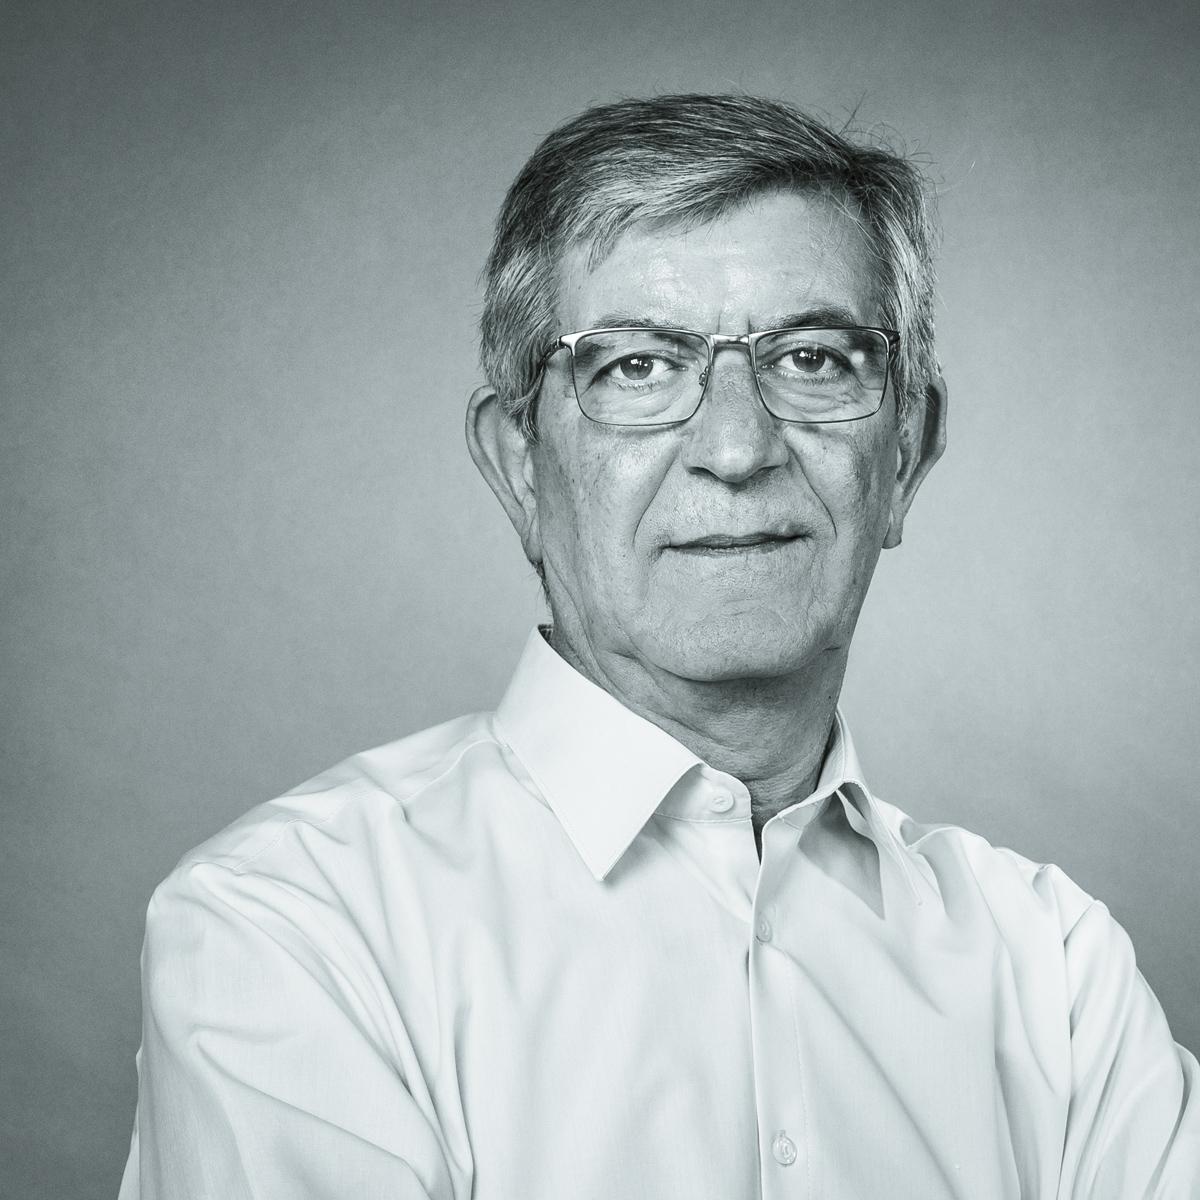 Gianni Azzaretti